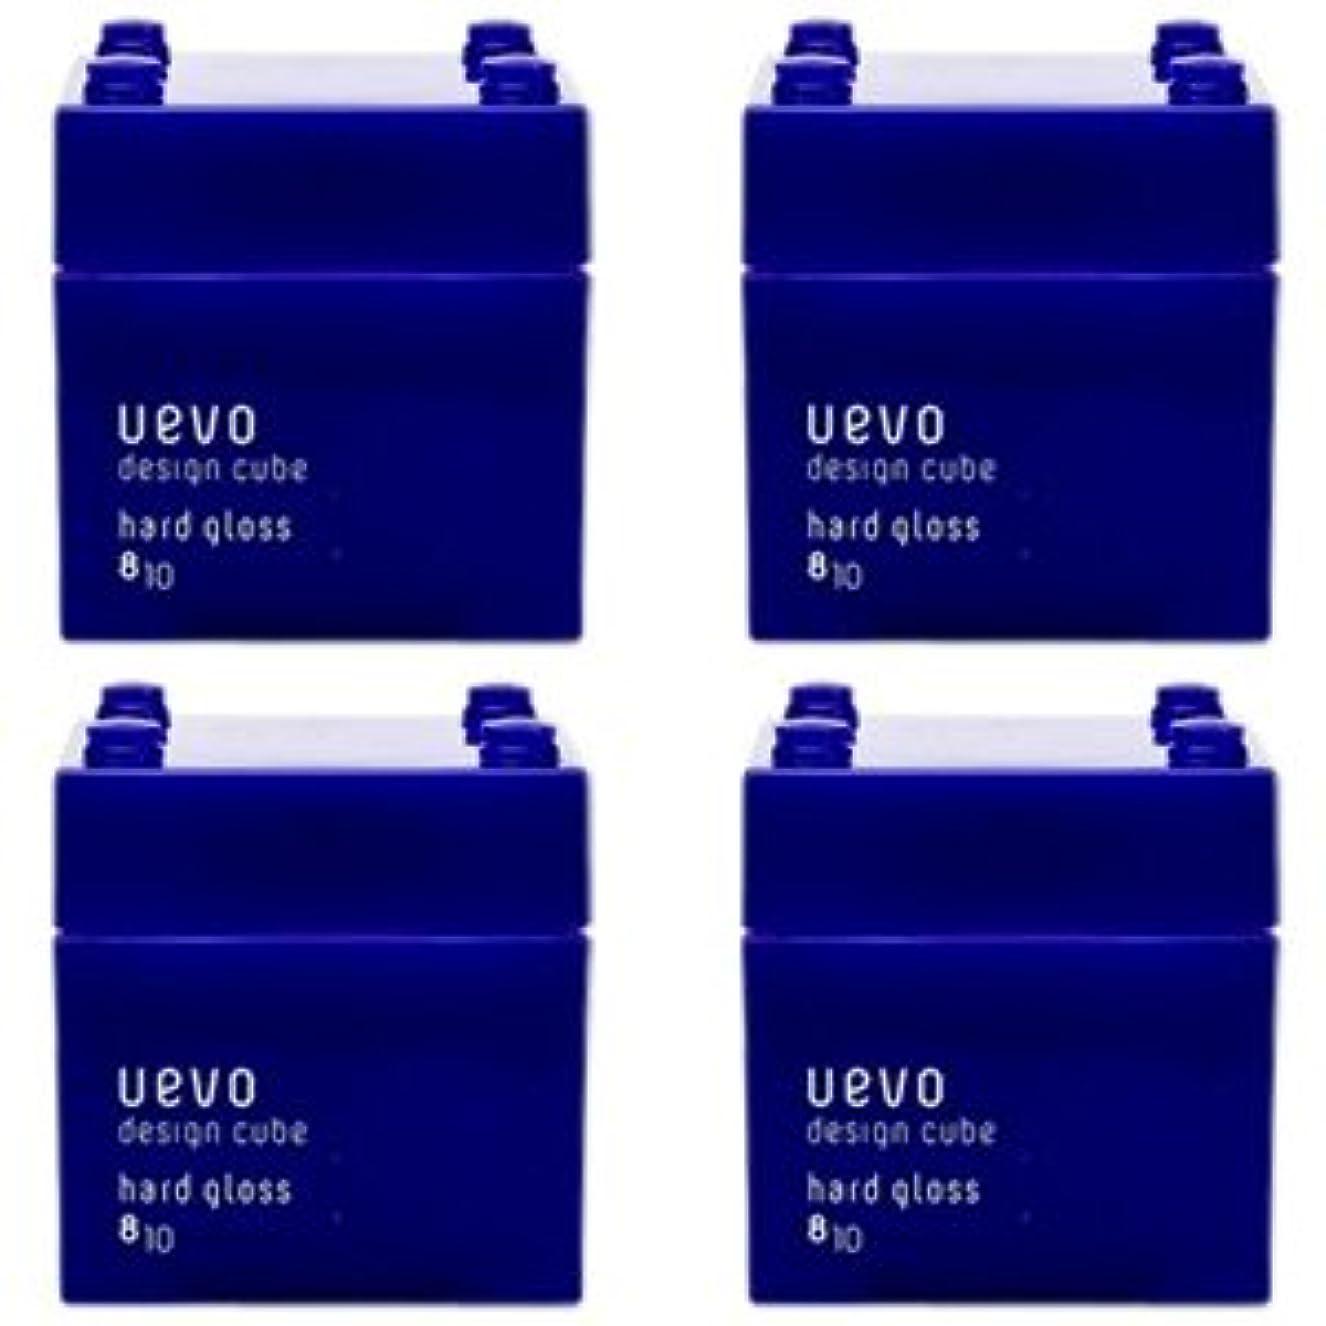 腸男らしさ成人期【X4個セット】 デミ ウェーボ デザインキューブ ハードグロス 80g hard gloss DEMI uevo design cube